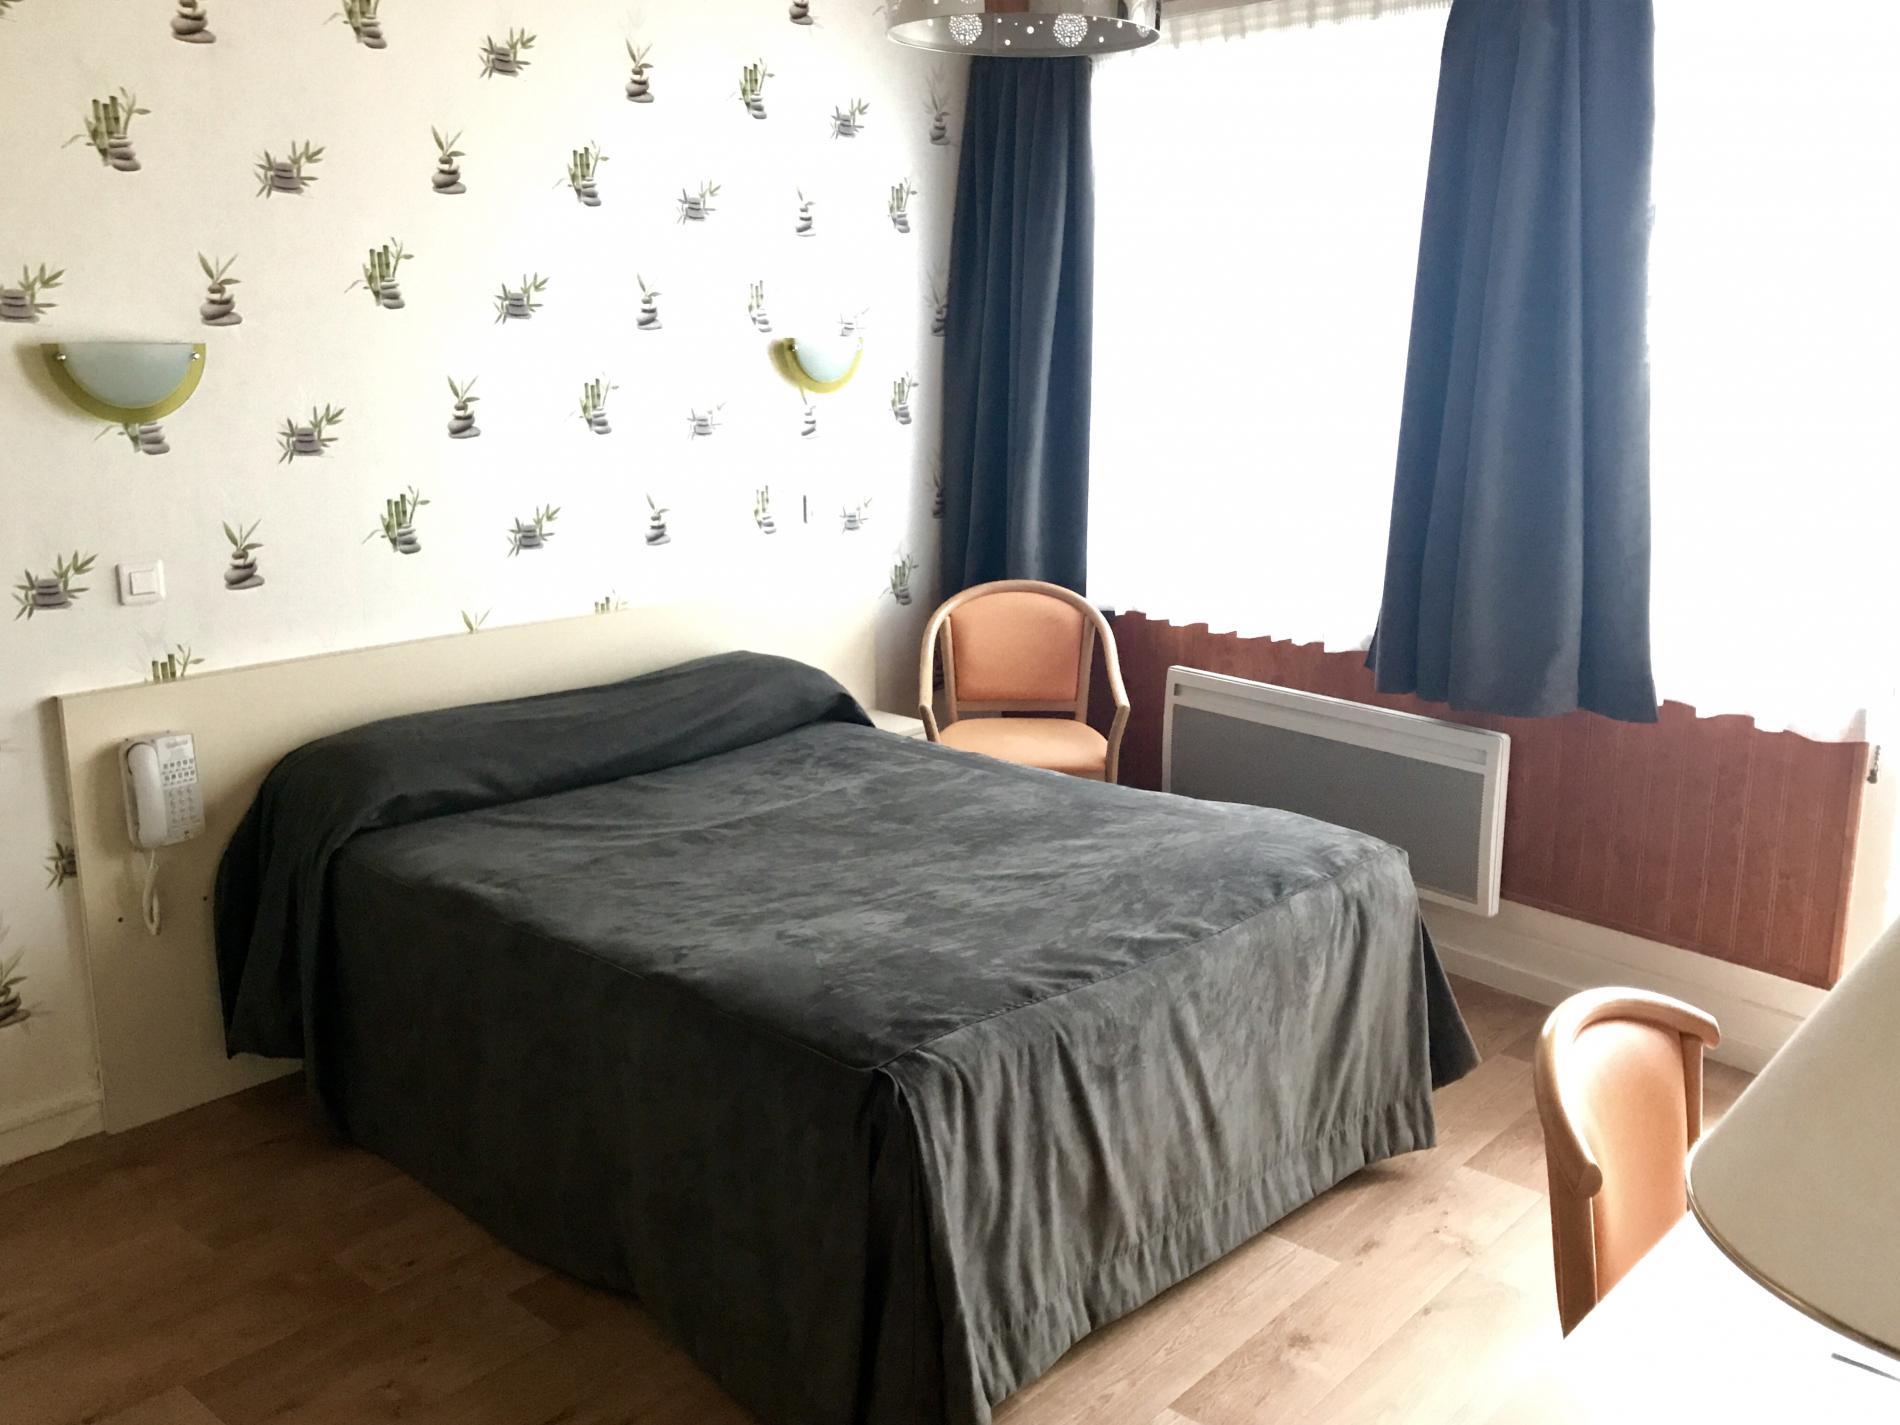 soiree etape promos hotel beauvais offres s jour pas cher beauvais. Black Bedroom Furniture Sets. Home Design Ideas